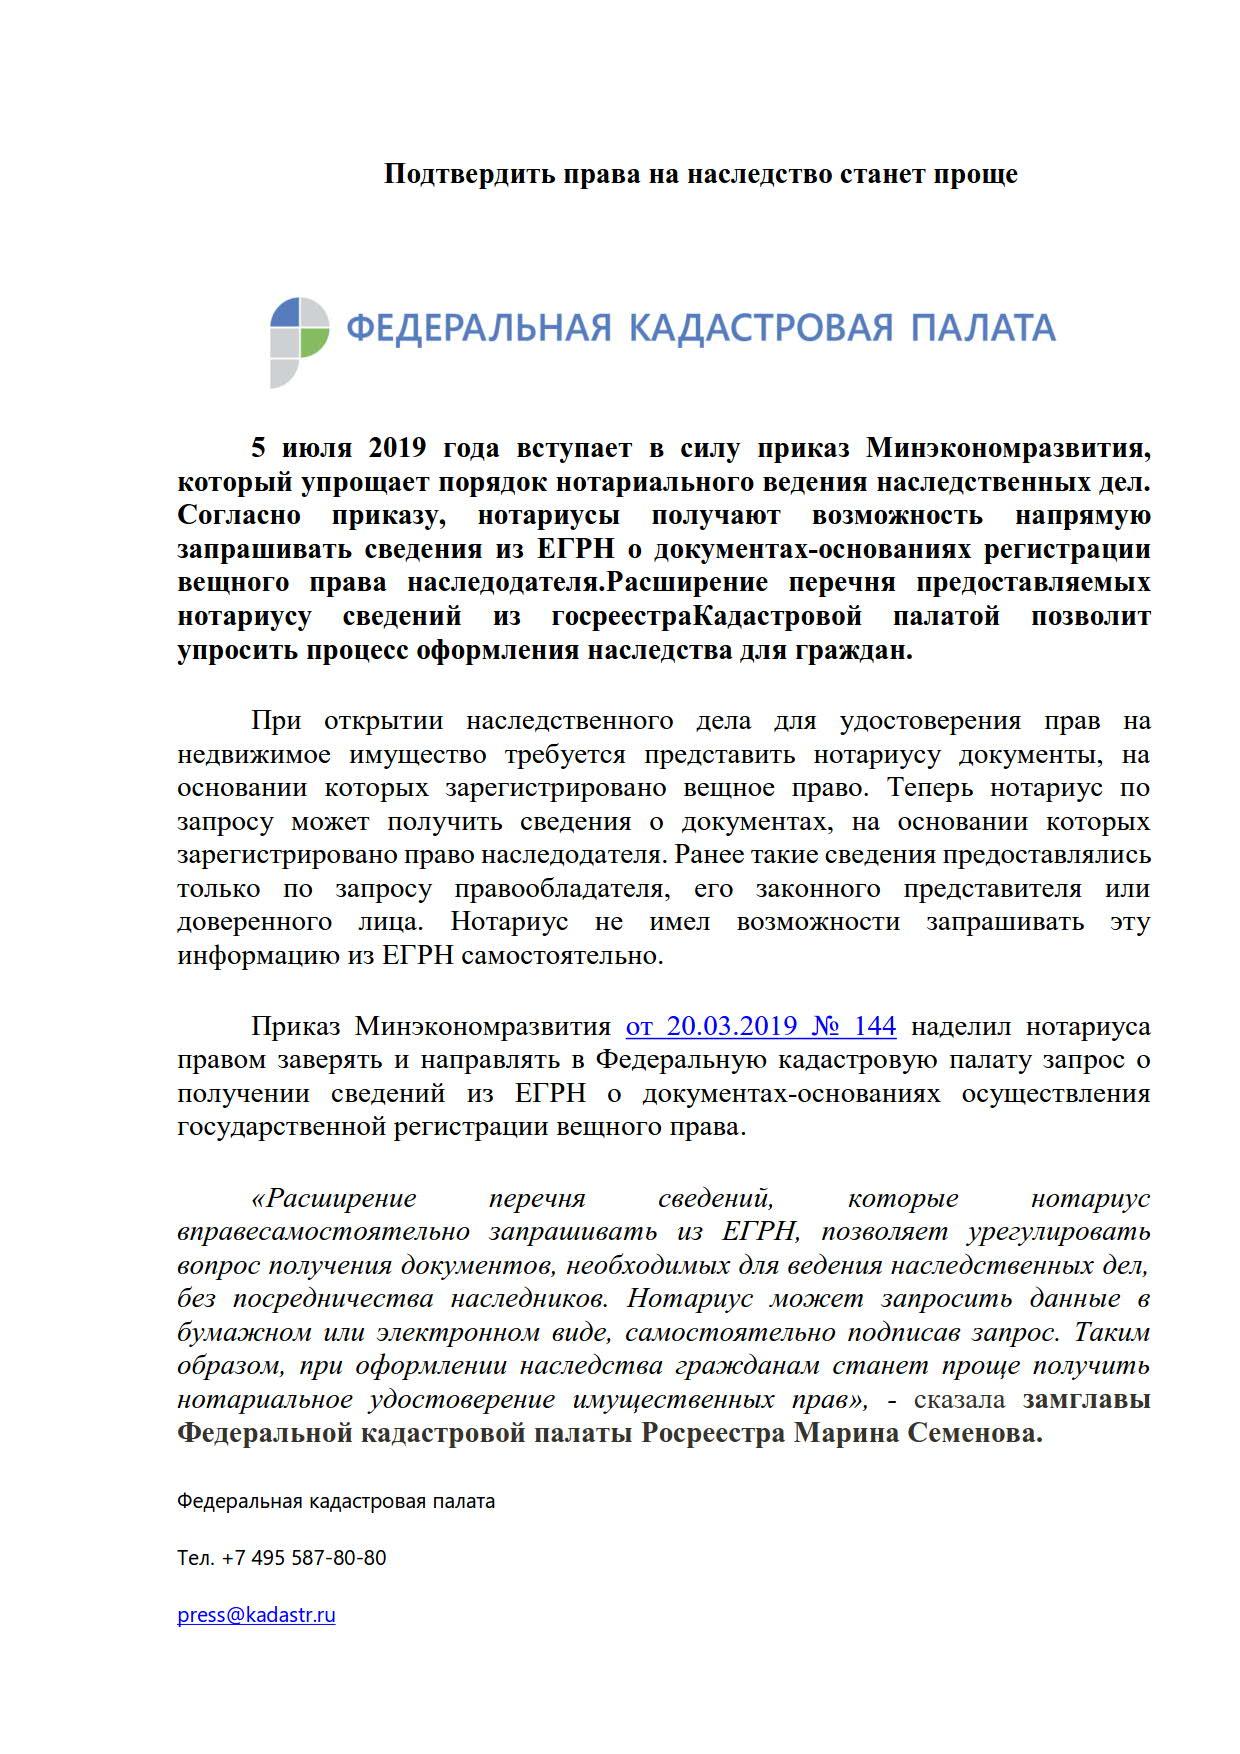 05.07.2019 Подтвердить права на наследство стало проще_1